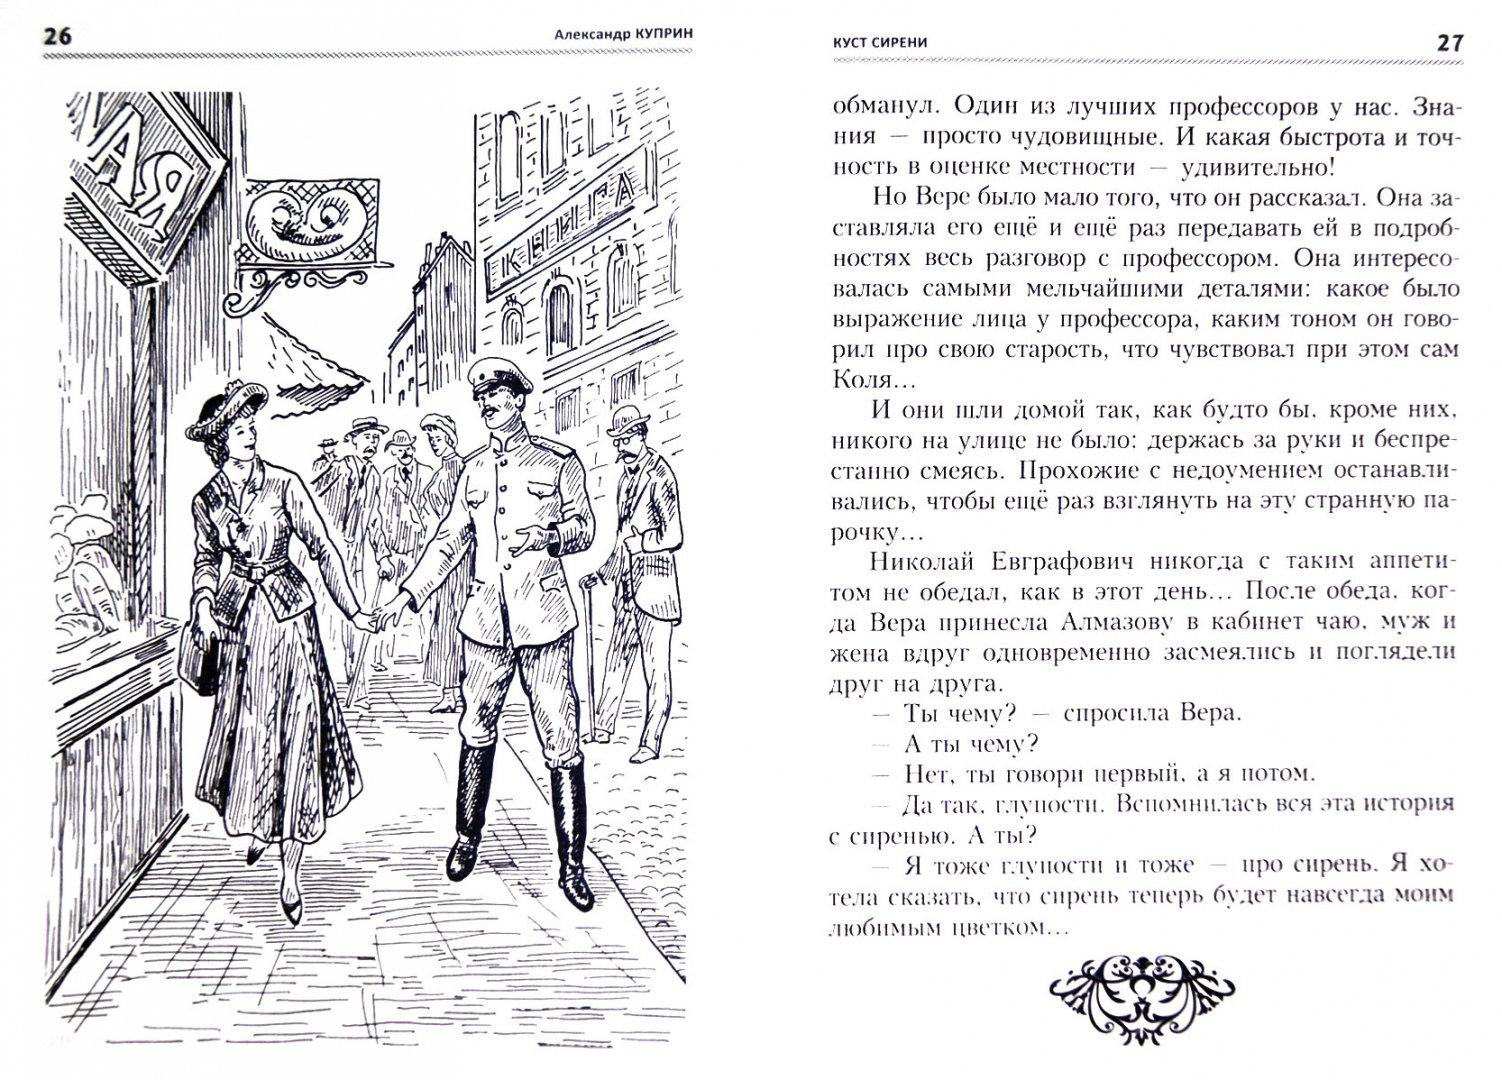 Иллюстрация 1 из 9 для Чудесный доктор. Рассказы - Александр Куприн | Лабиринт - книги. Источник: Лабиринт